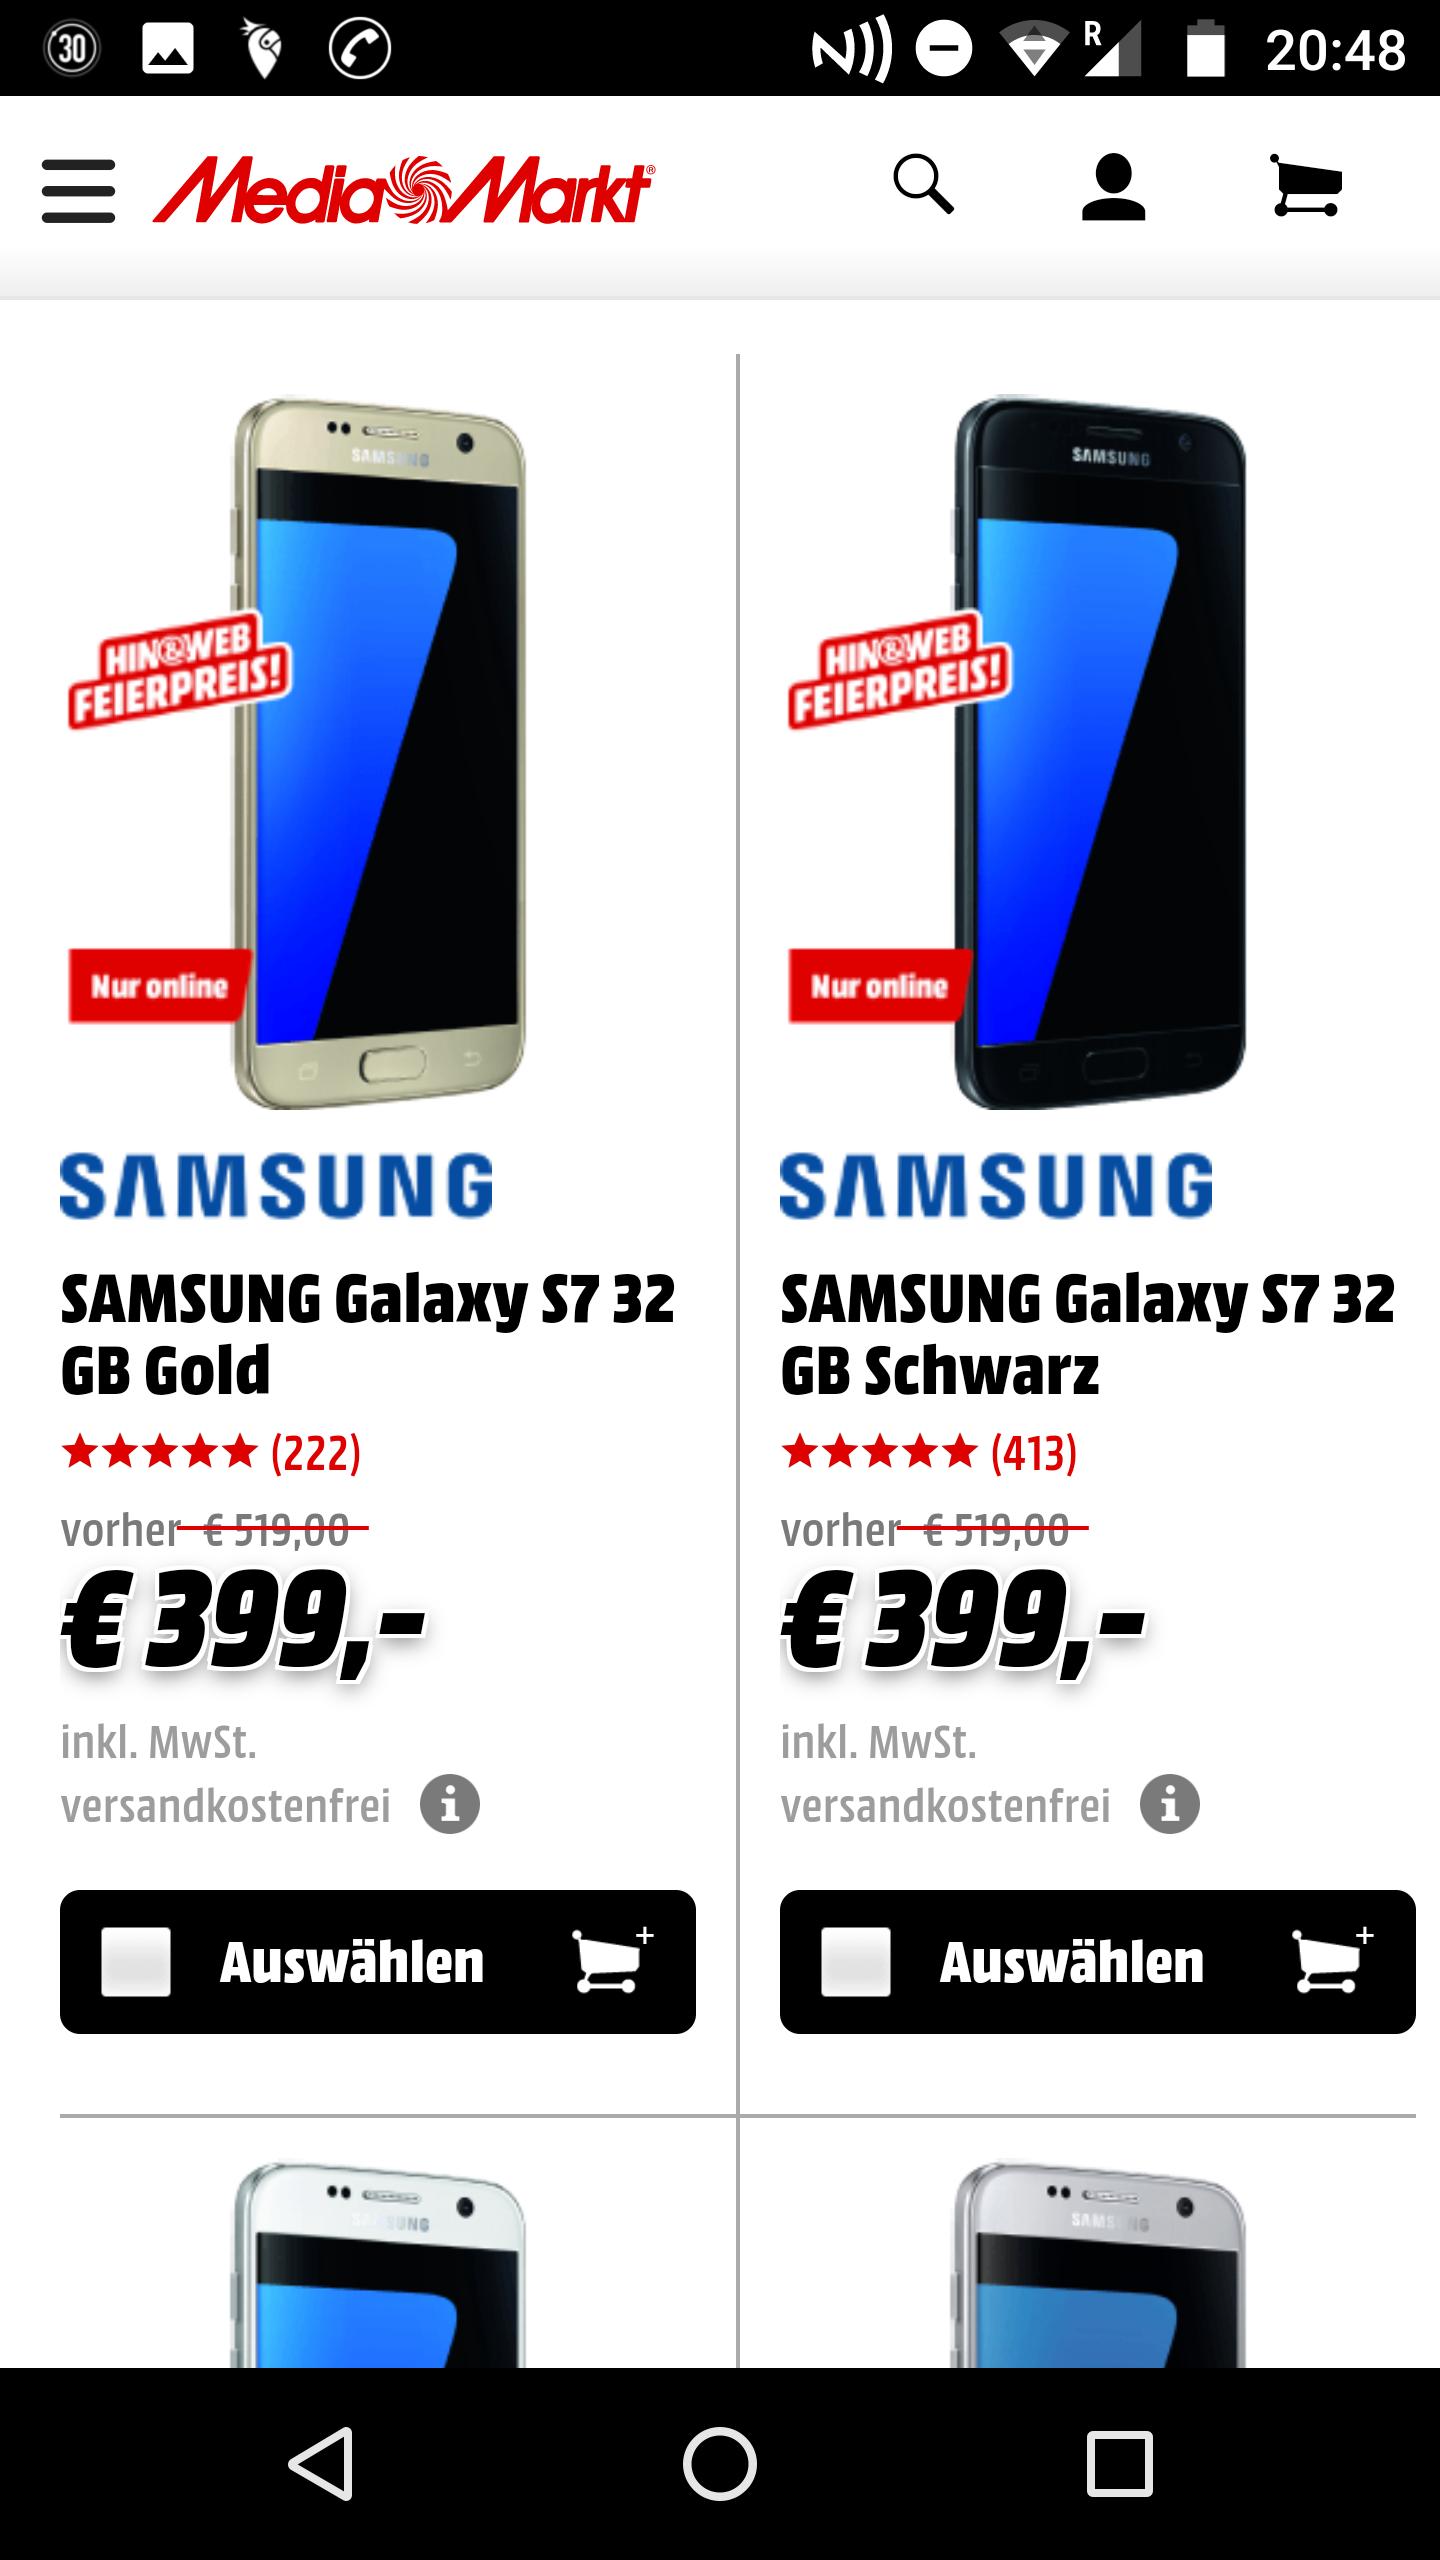 Samsung s7 plus pilka addidas i powerbank w niemieckim mediamarkcie